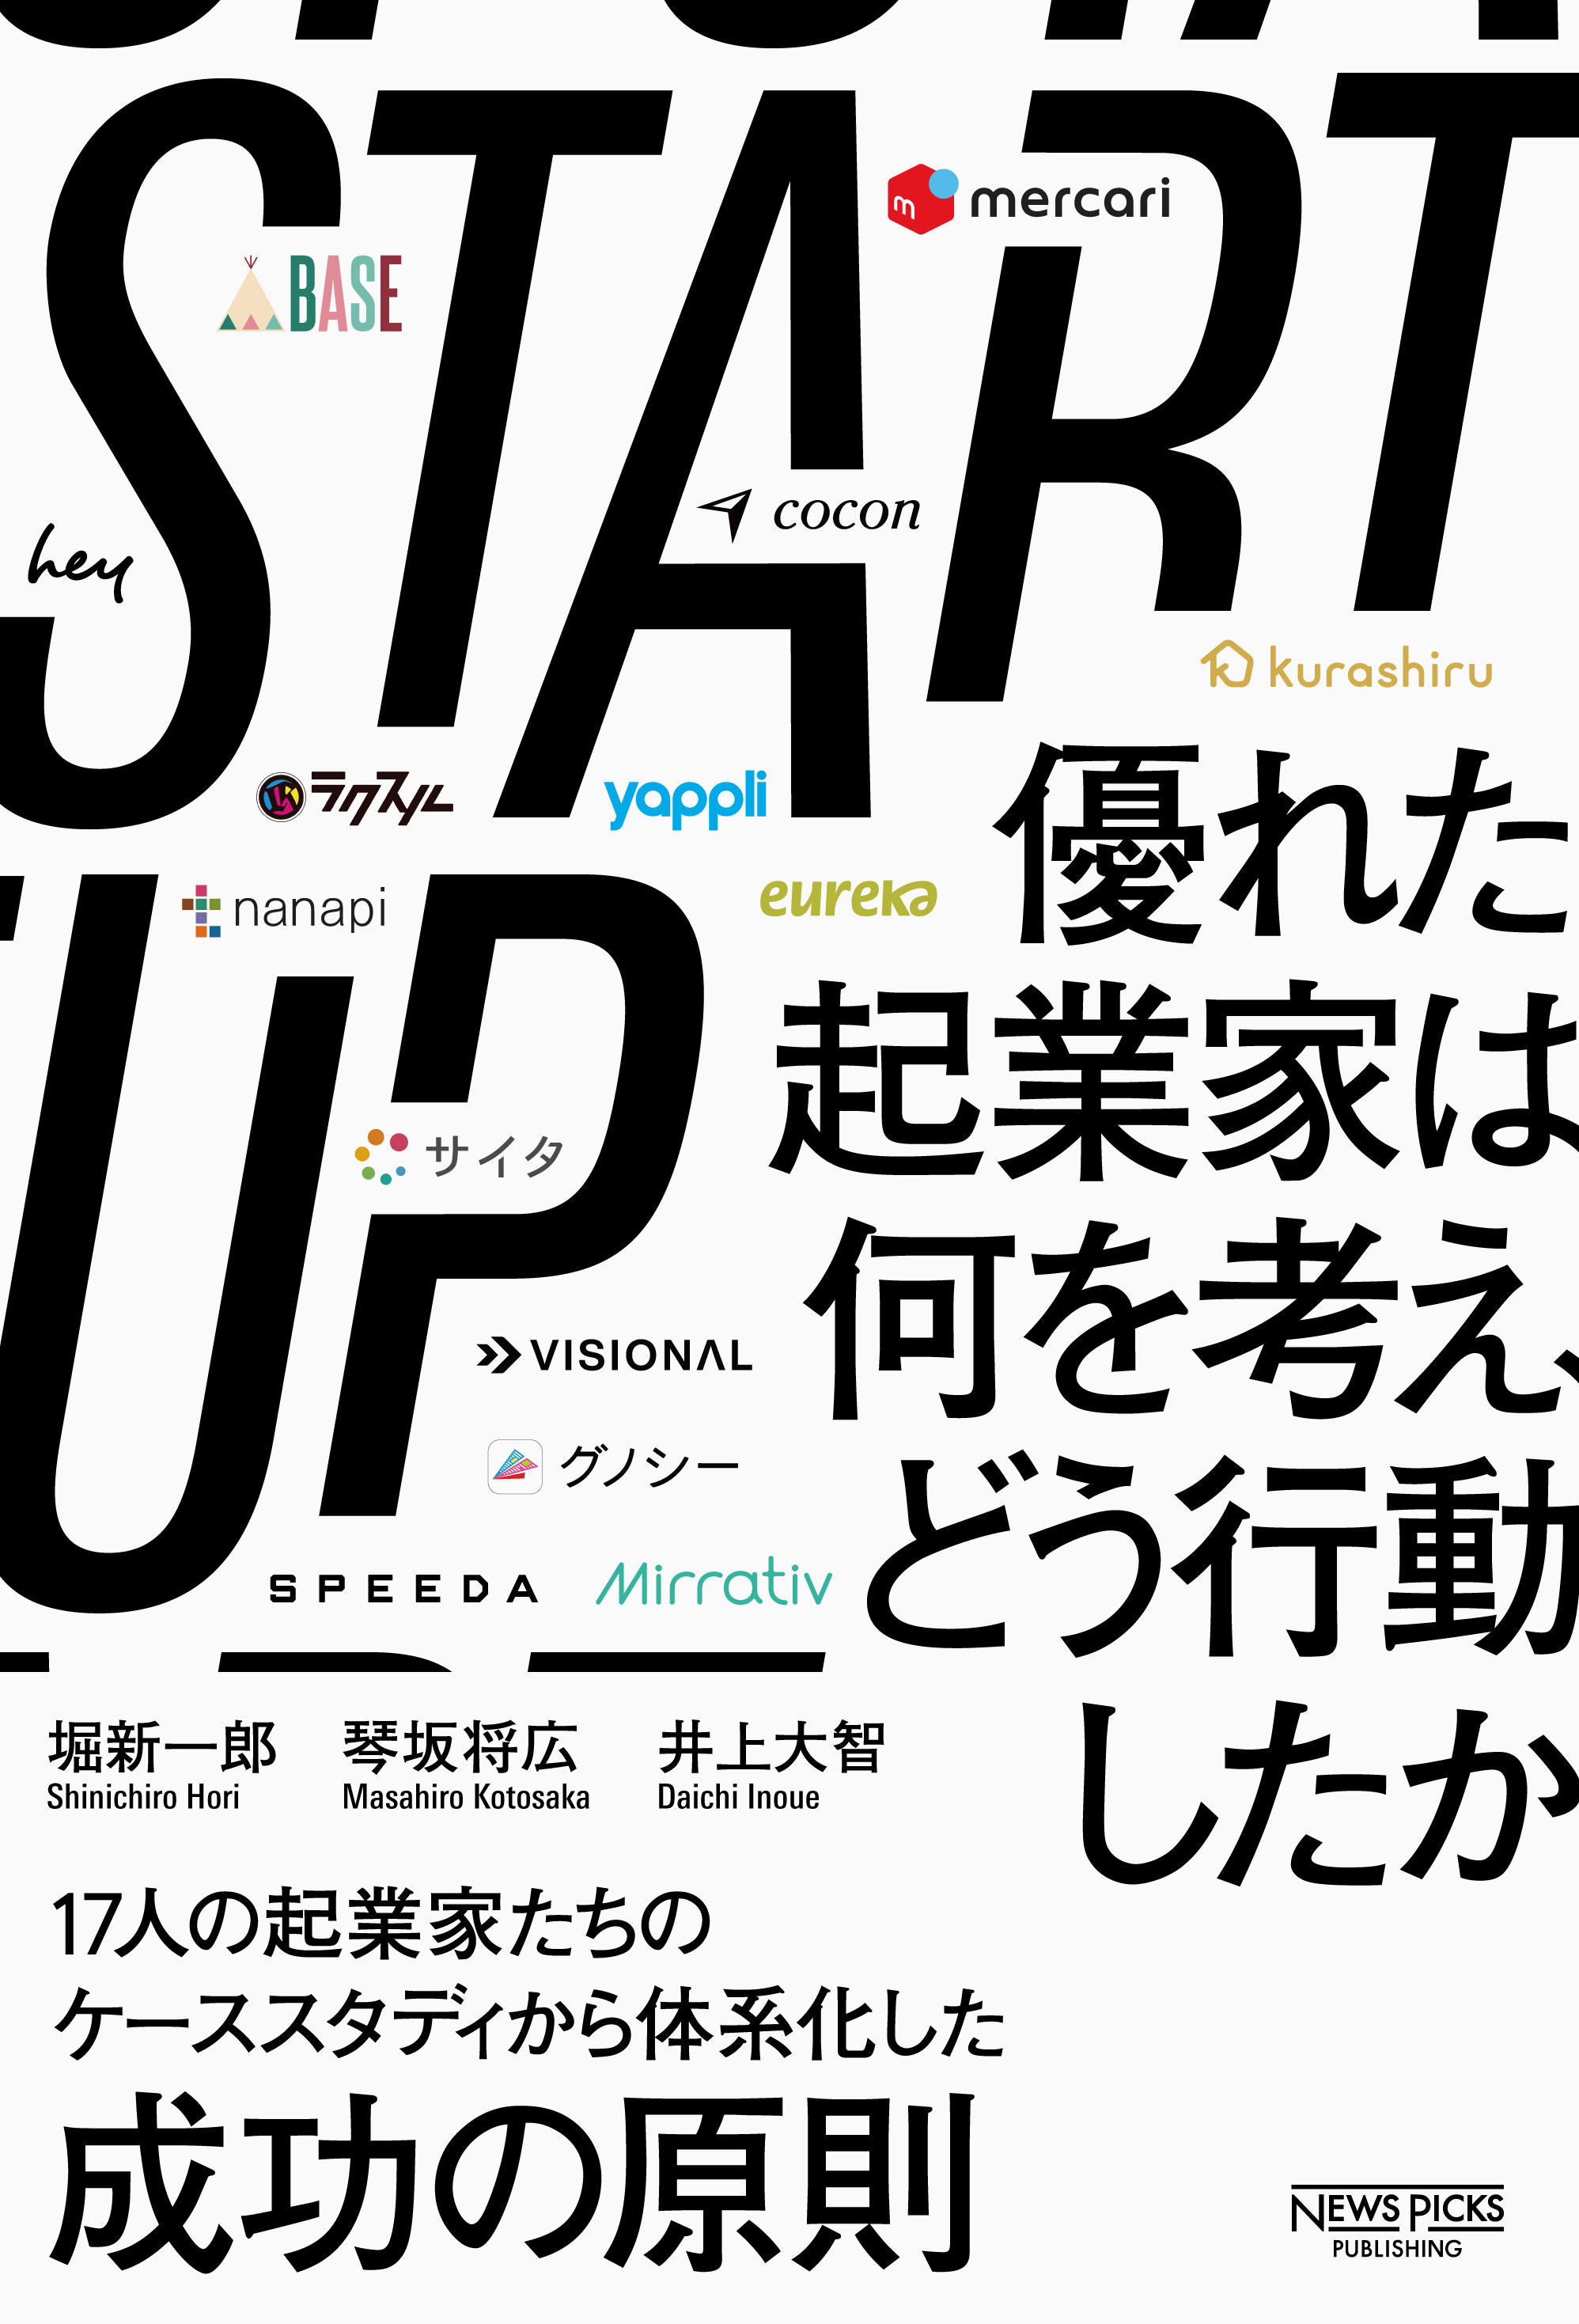 STARTUP 優れた起業家は、何を考えどう行動したか